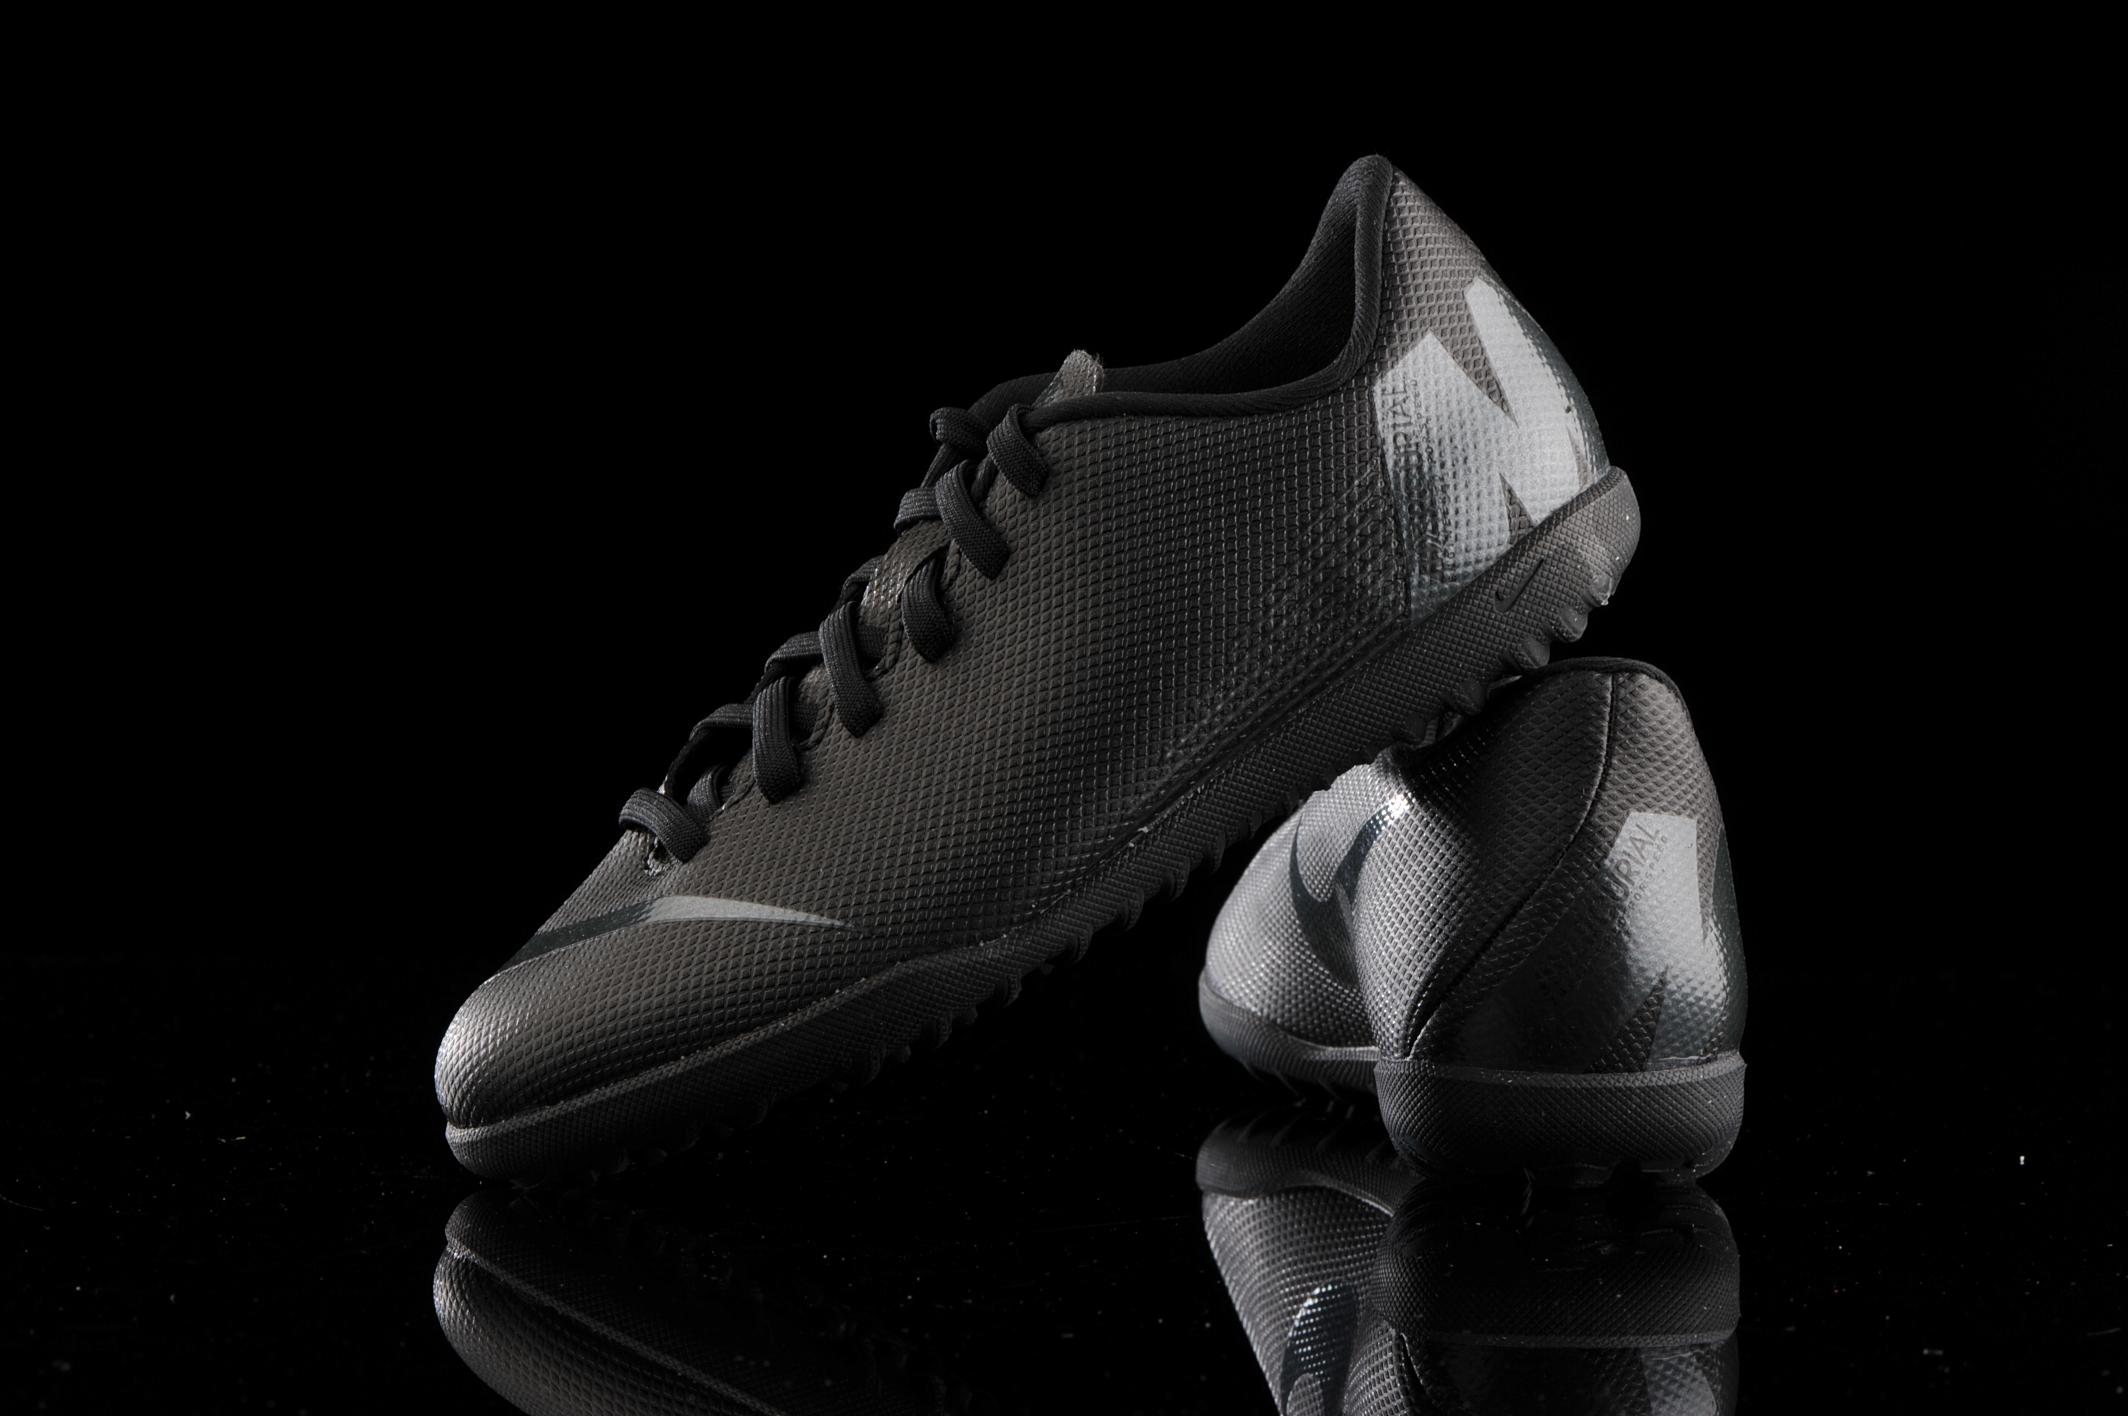 capa Mimar Ensangrentado  Nike Vapor 12 Club GS TF Junior AH7355-001   R-GOL.com - Football boots &  equipment